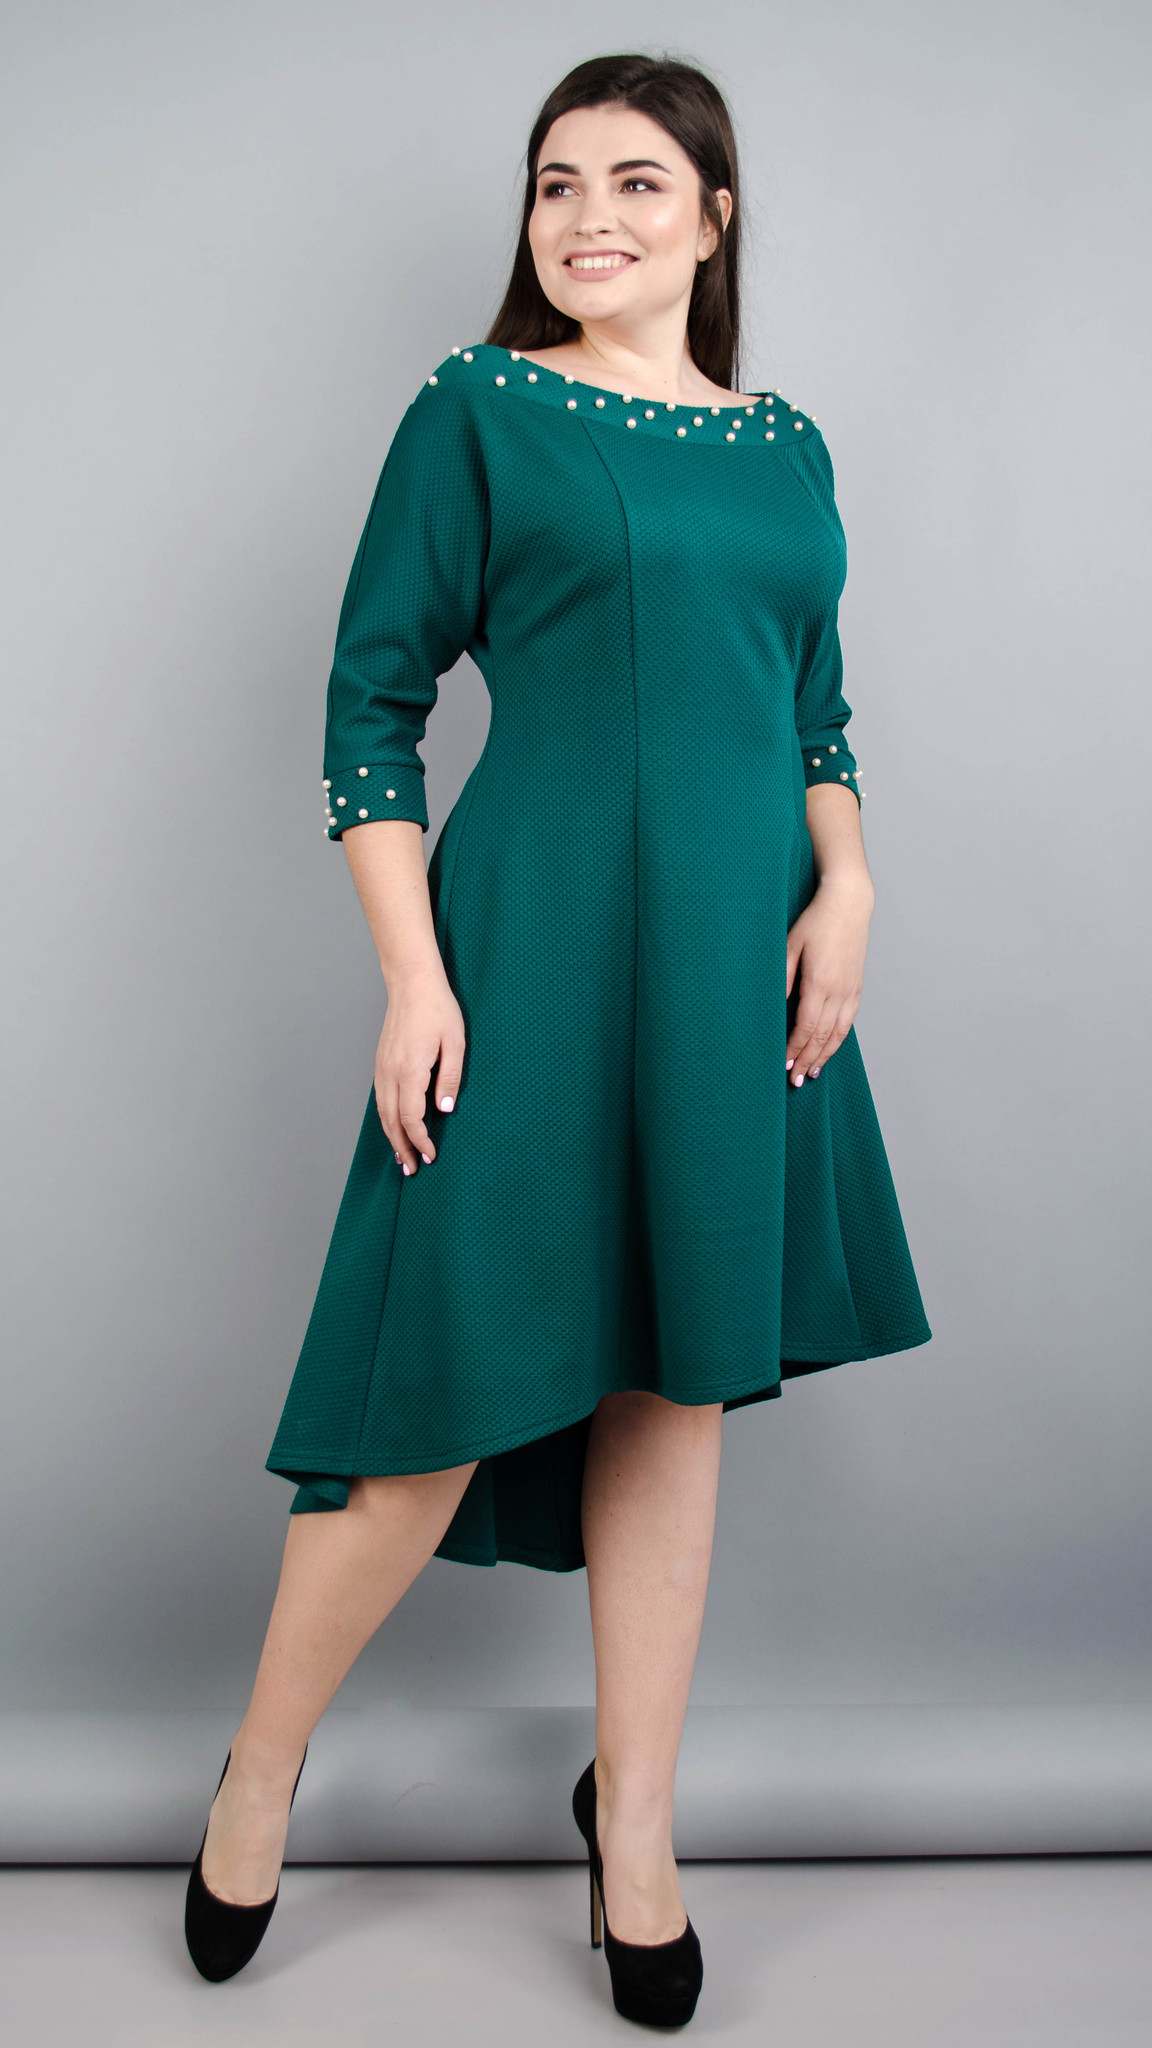 Лейла. Жіноча святкова сукня великих розмірів. Смарагд. - купить по ... 5d3ee84f99945